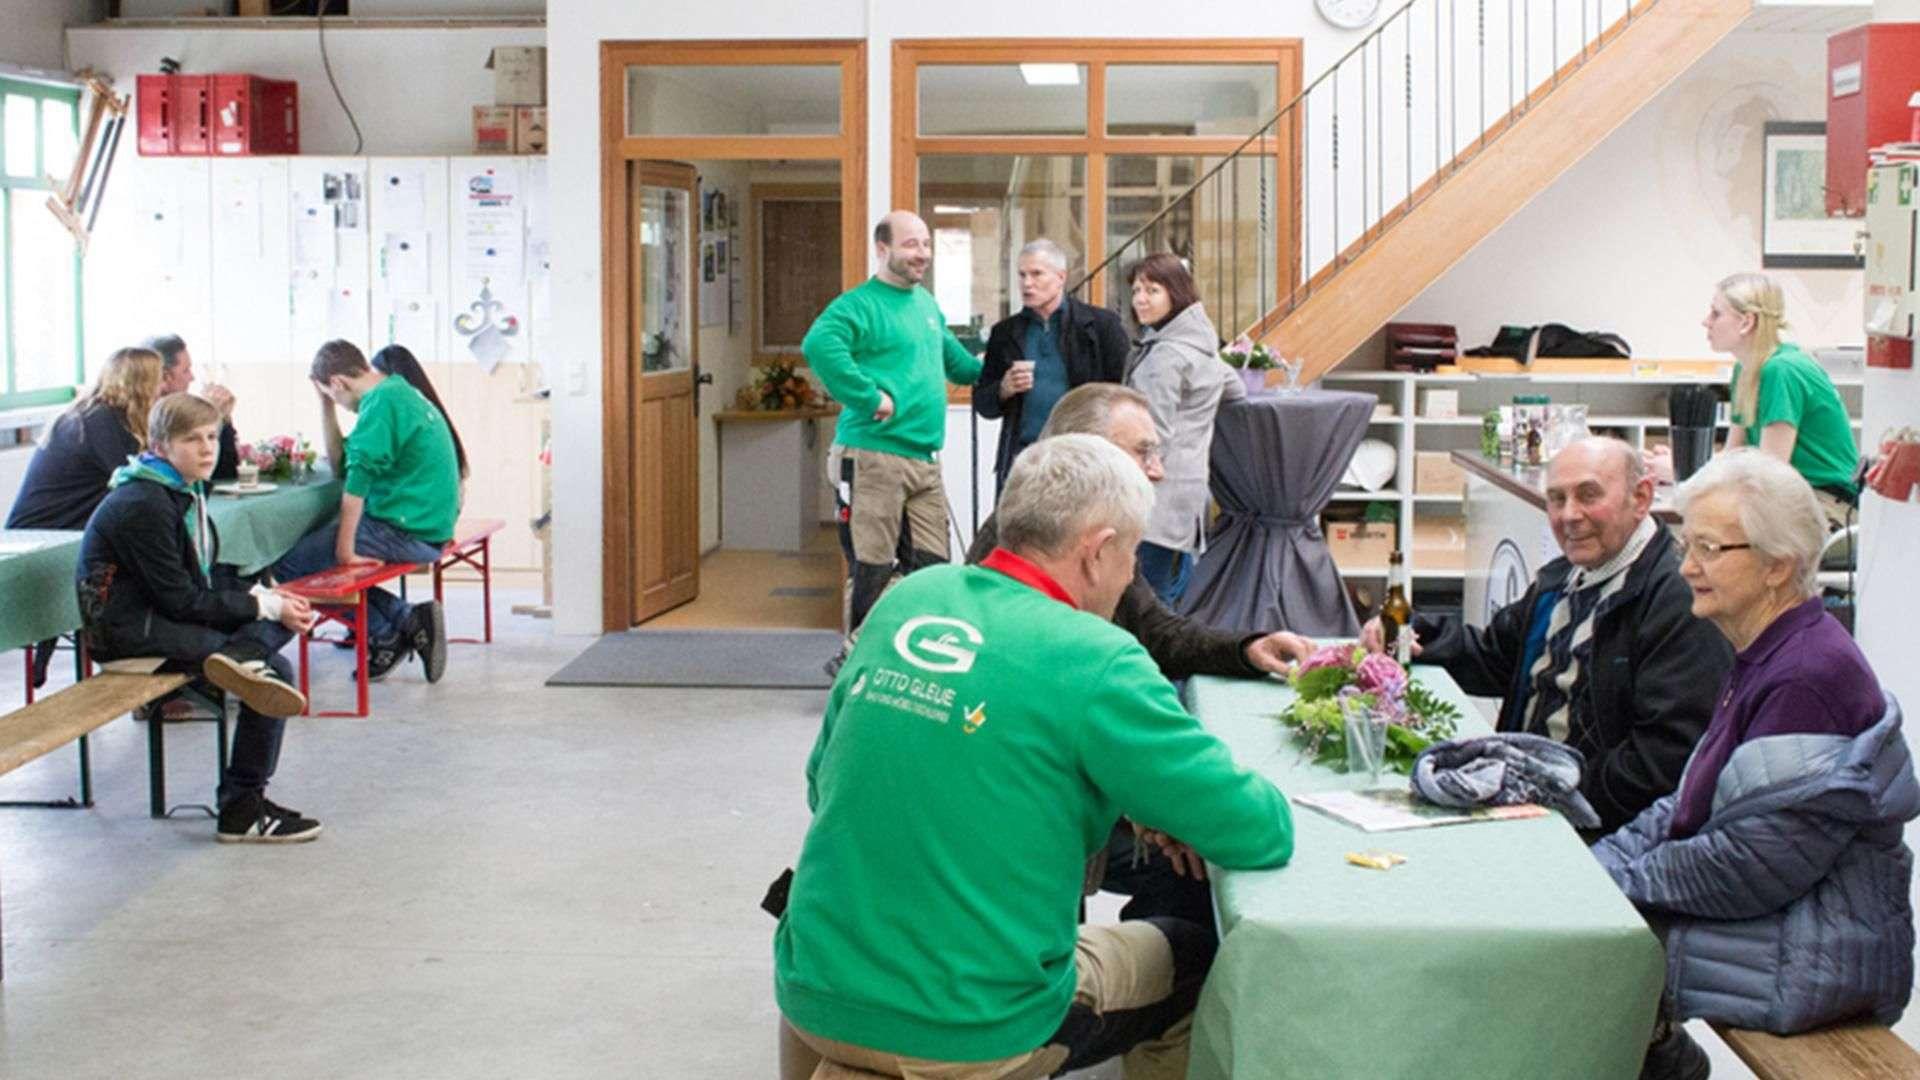 viele Personen sitzen an Tisch in der Ausstellung der Tischlerei Gleue in Lindwedel